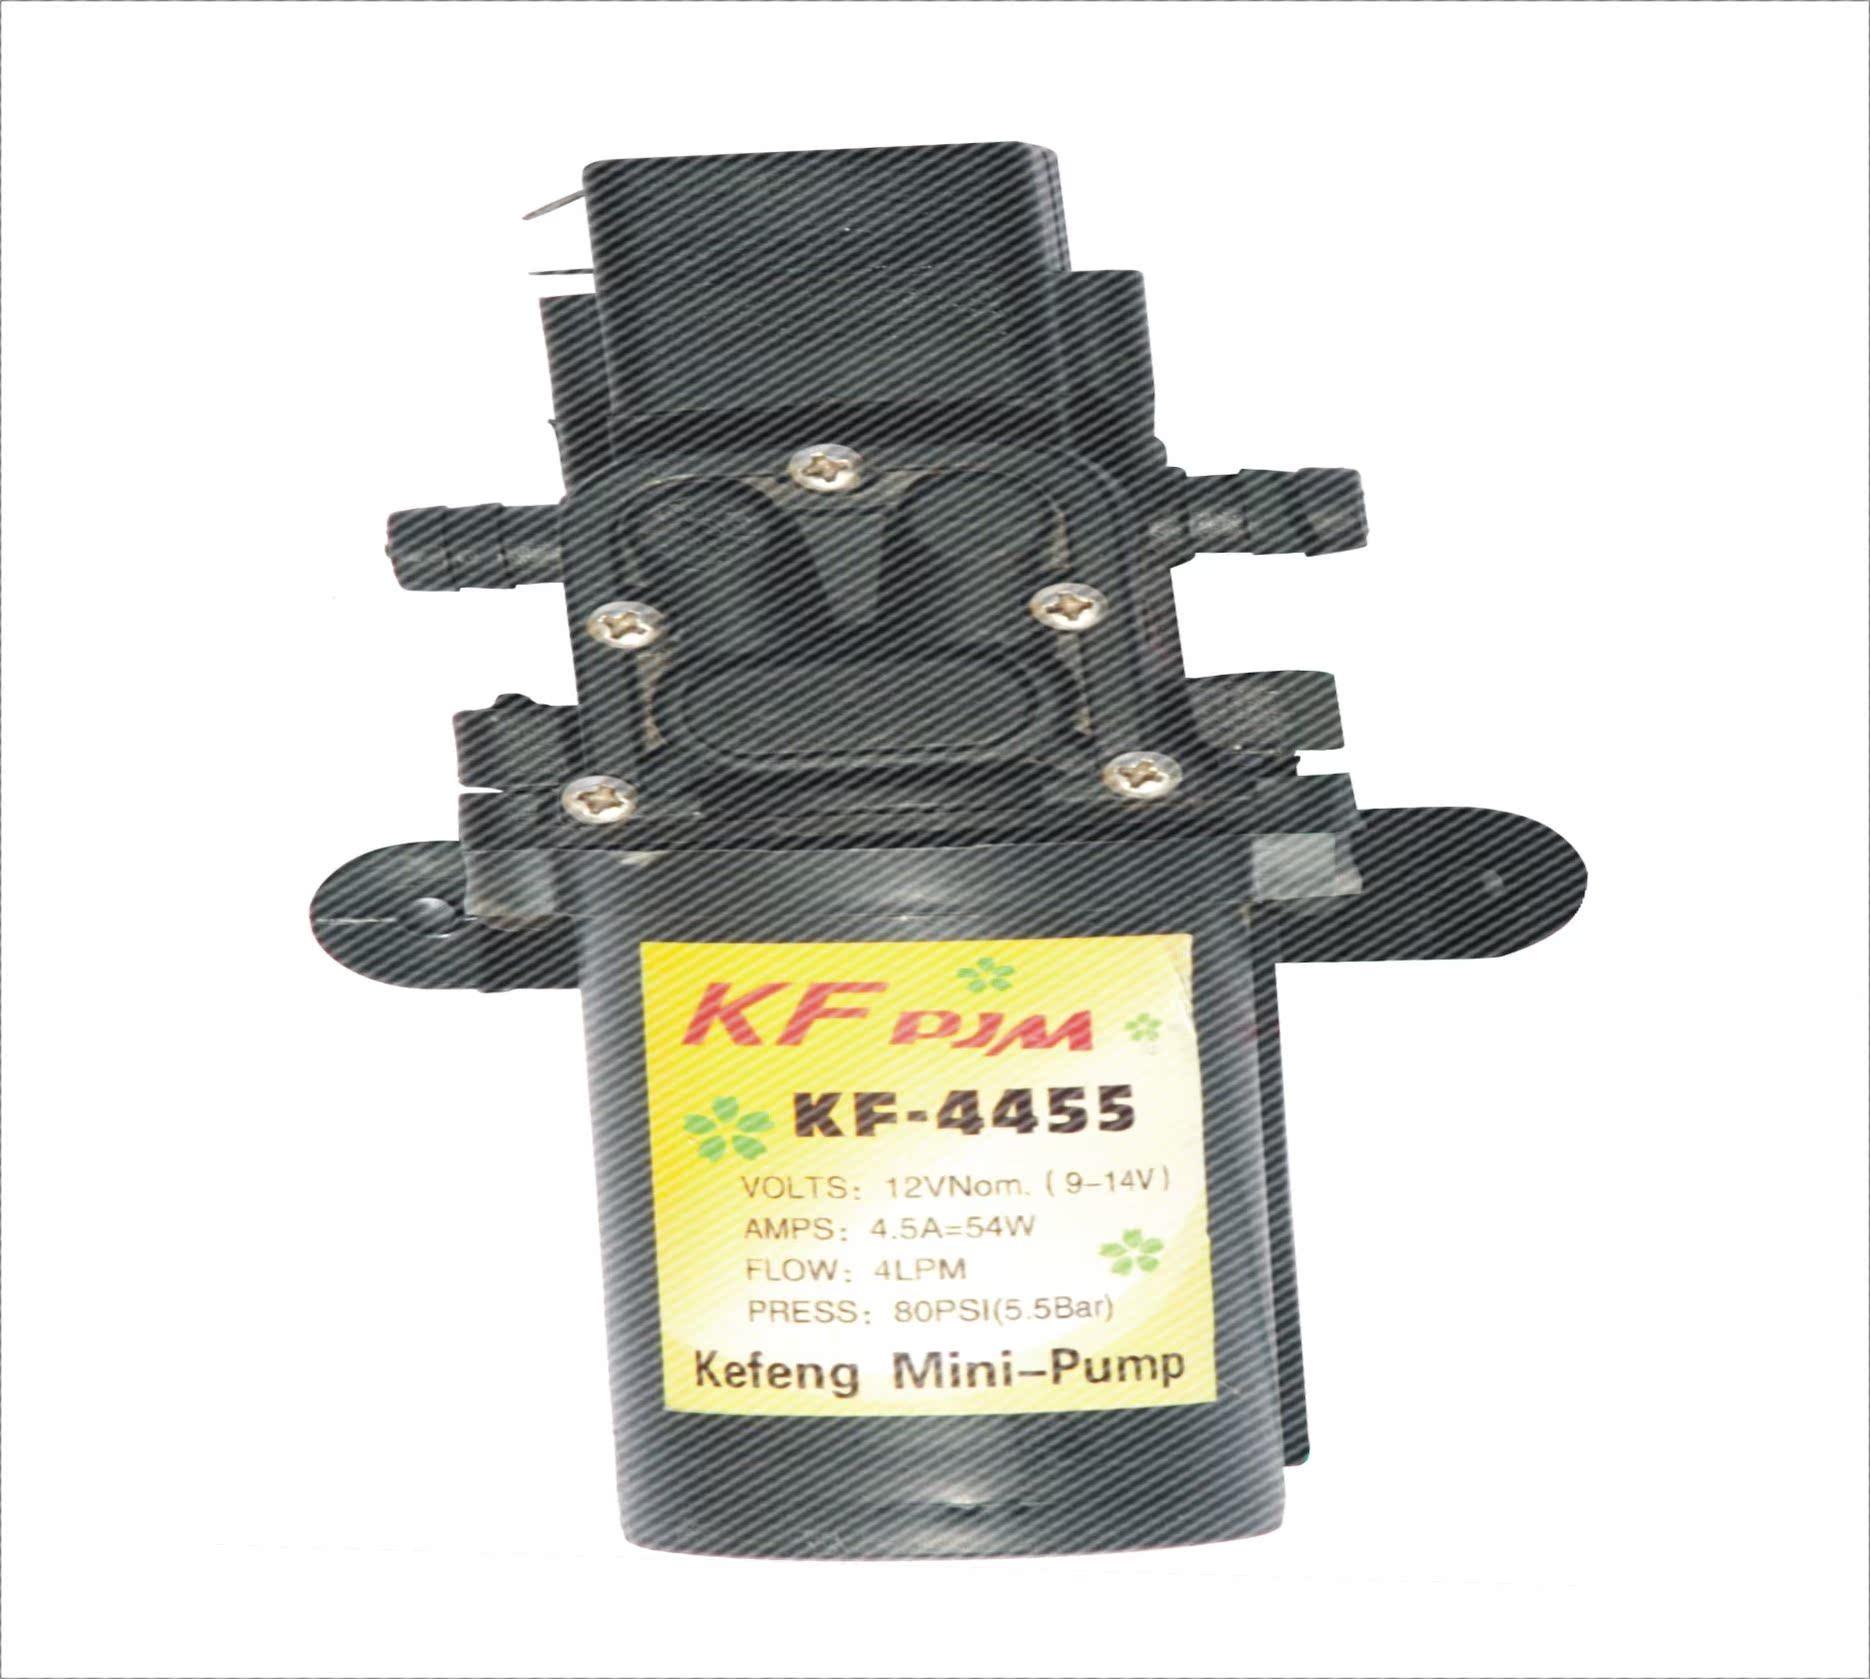 家庭用電気スプレー12ポンプマイクロ隔膜ポンプ洗車高圧ポンプ吸込みポンプ圧力が高いから還流